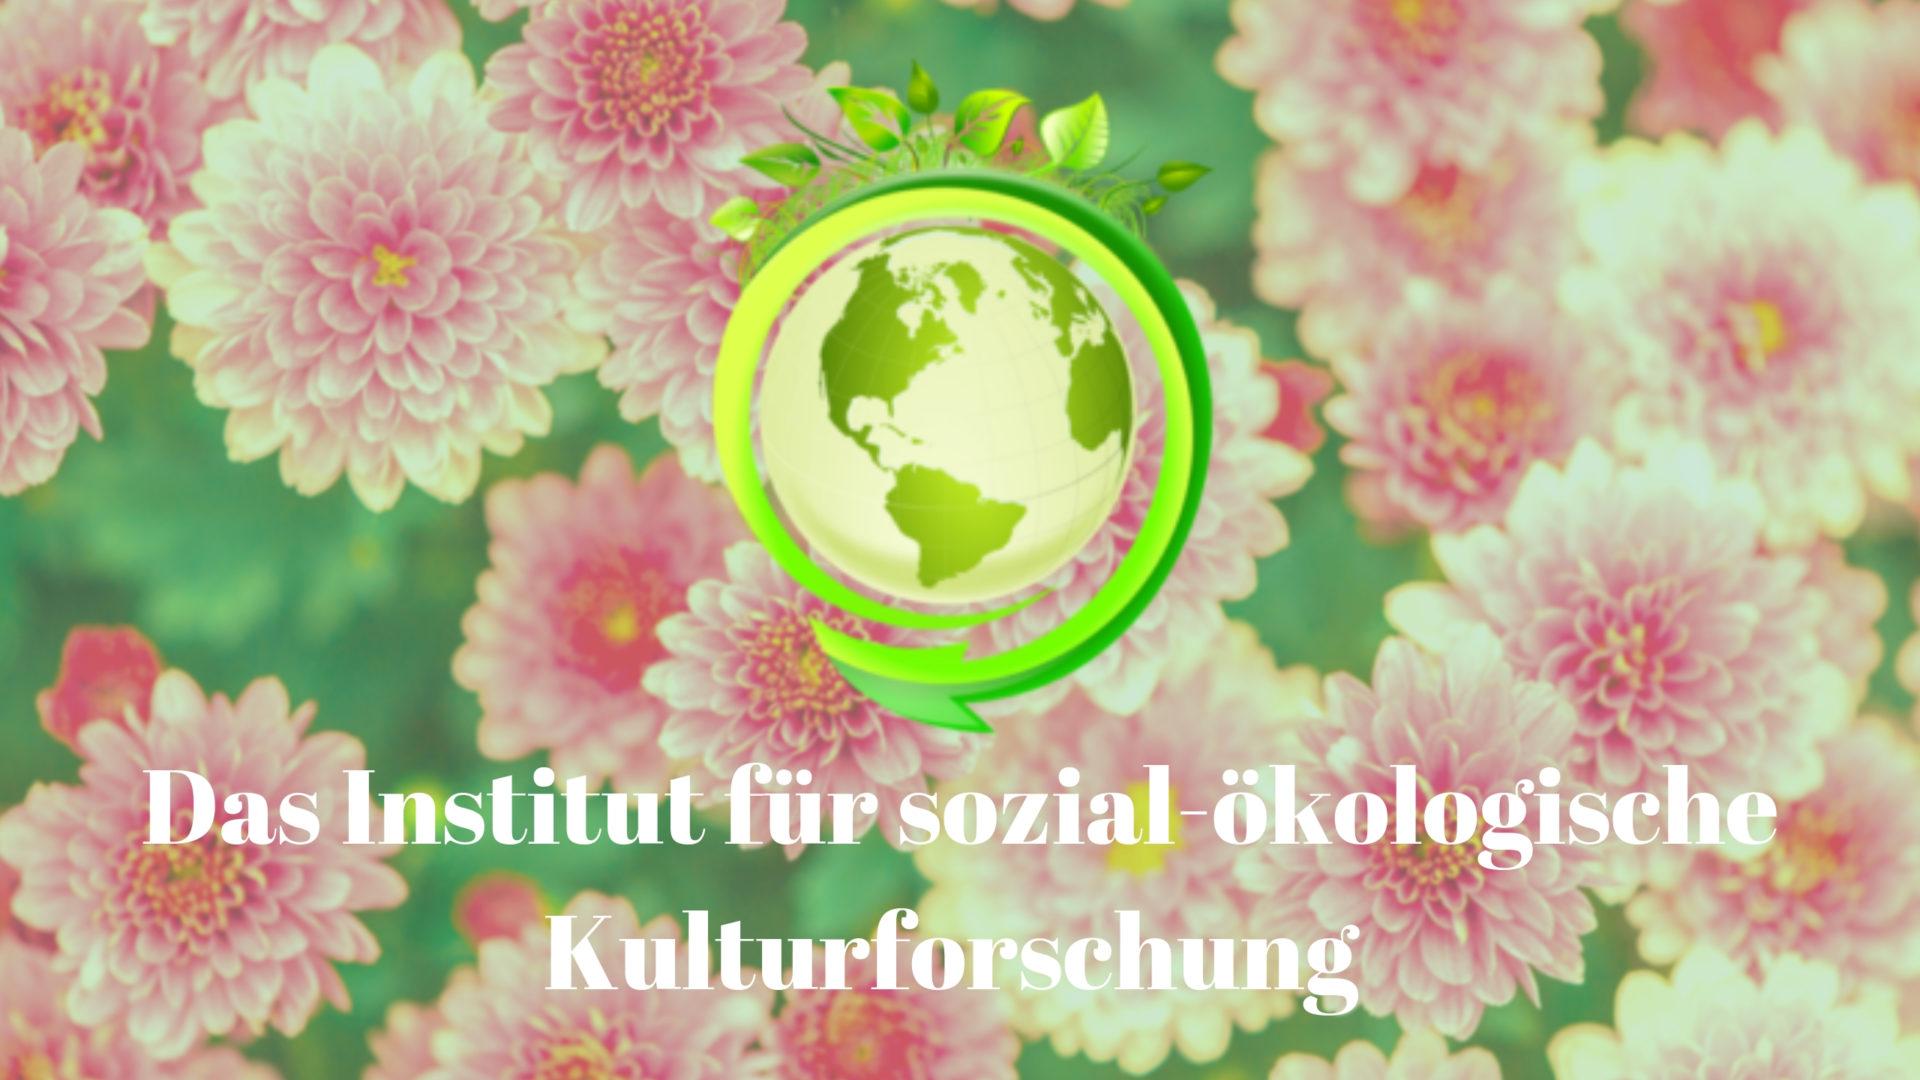 Das Institut für sozial-ökologische Kulturforschung